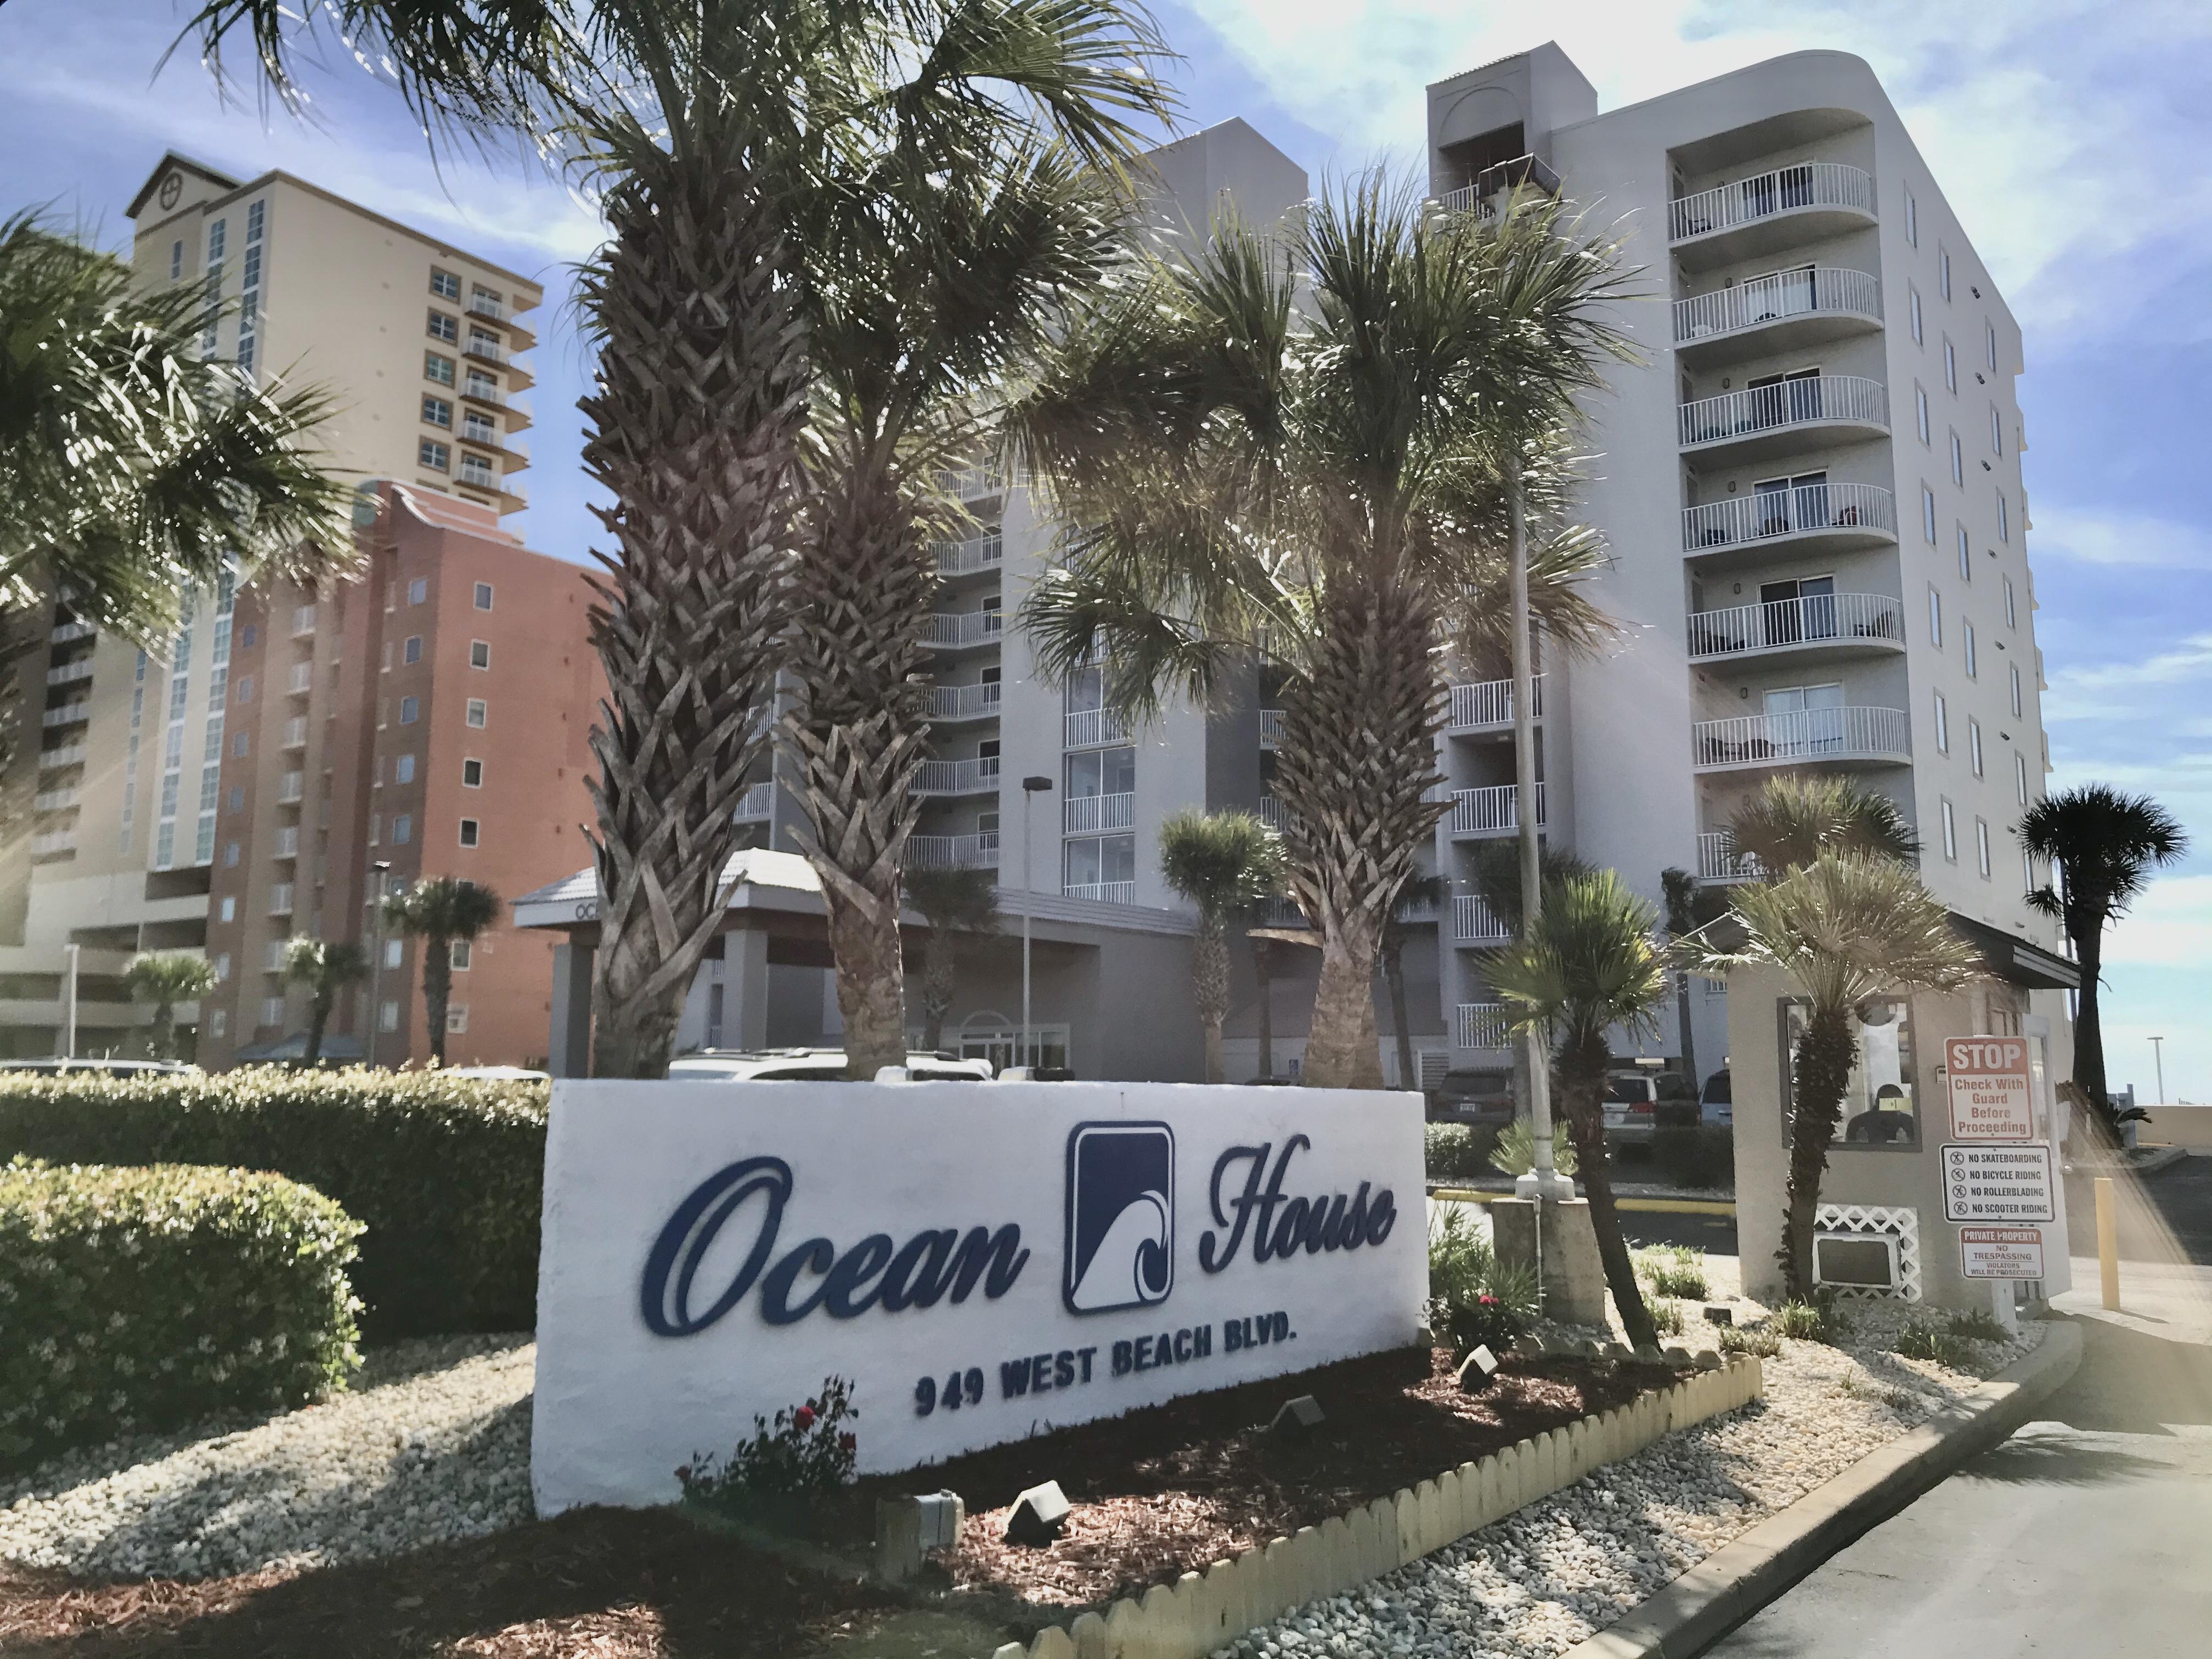 Ocean House 1905 Condo rental in Ocean House - Gulf Shores in Gulf Shores Alabama - #85